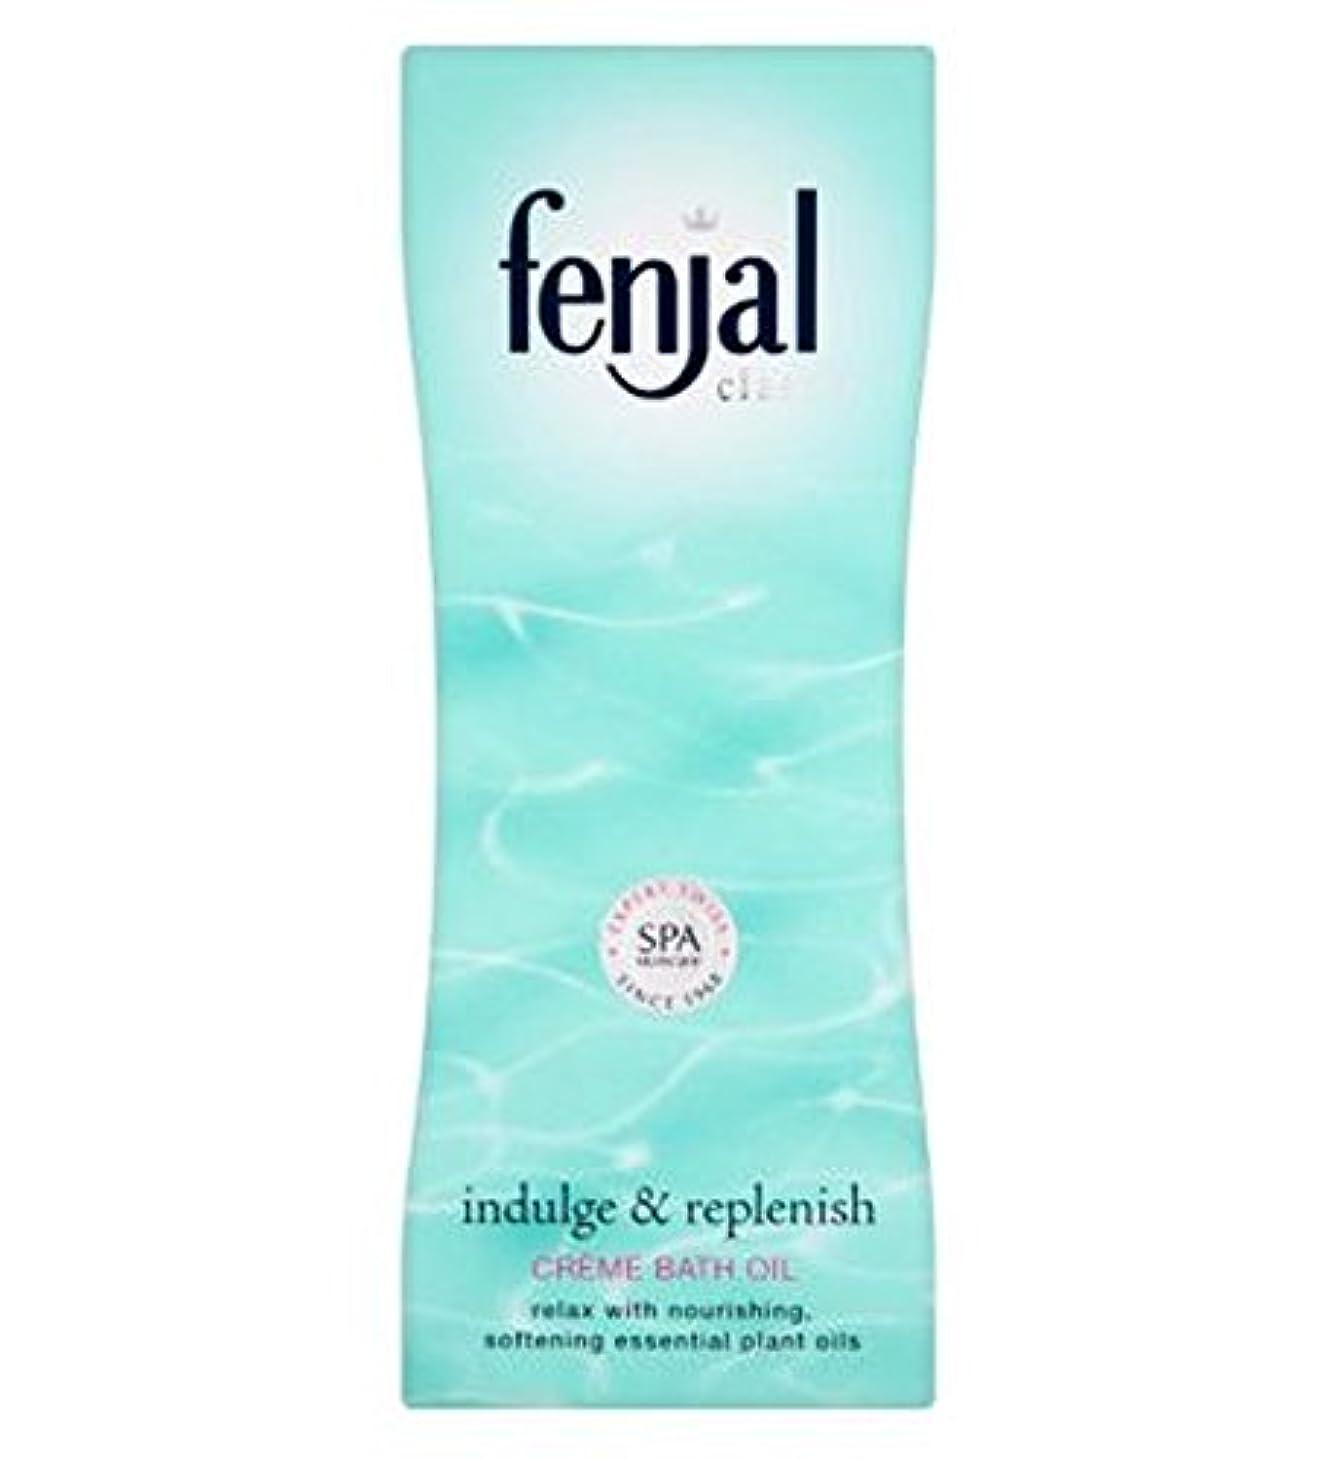 アクティビティあいまいさ舗装するFenjal古典的な高級クリームバスオイル (Fenjal) (x2) - Fenjal Classic Luxury Creme Bath Oil (Pack of 2) [並行輸入品]